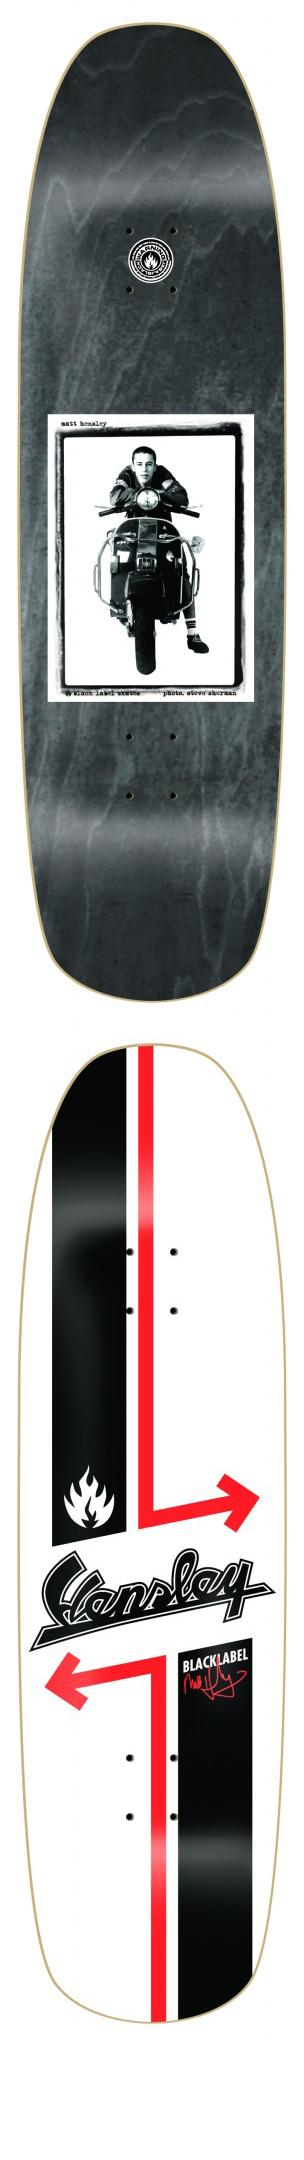 Hensley Vespa Scooter Black Label Skateboard Deck